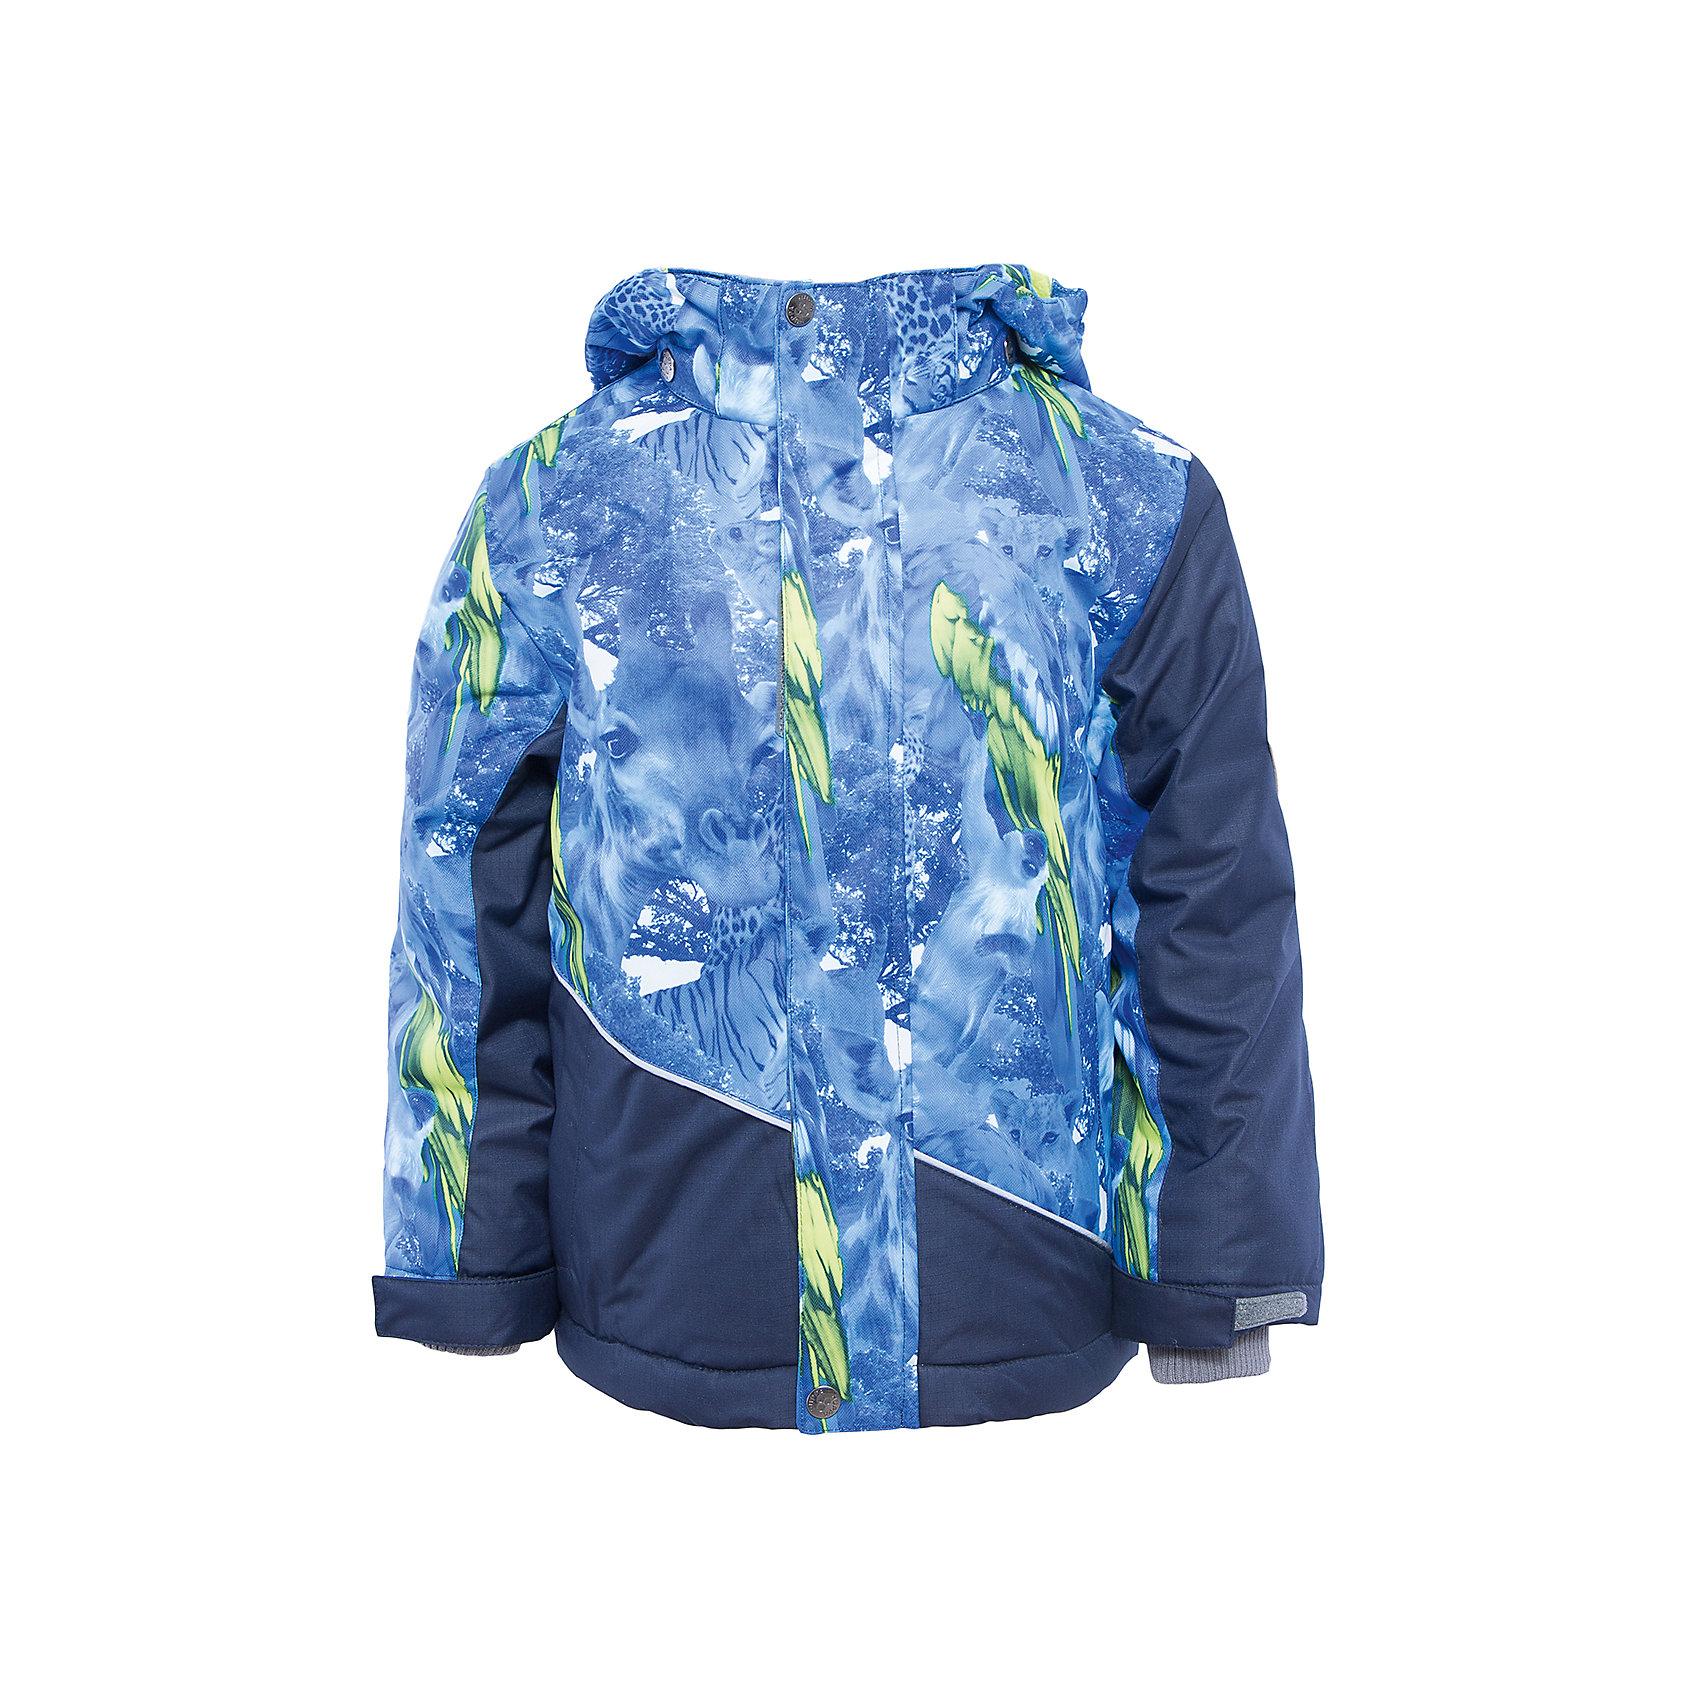 Куртка    HuppaЗимние куртки<br>Куртка ALEX Huppa(Хуппа).<br><br>Утеплитель: 100% полиэстер, 300 гр.<br><br>Температурный режим: до -30 градусов. Степень утепления – высокая. <br><br>* Температурный режим указан приблизительно — необходимо, прежде всего, ориентироваться на ощущения ребенка. Температурный режим работает в случае соблюдения правила многослойности – использования флисовой поддевы и термобелья.<br><br>Согреет ребенка даже в очень холодную зиму, а необычный дизайн привлечет внимание и придаст уверенности в себе!<br><br>Особенности:<br>-синтетический утеплитель HuppaTherm отлично сохраняет форму, легко стирается и хорошо сохнет<br>-водонепроницаемая дышащая мембрана<br>-при проклеивании швов использована водостойкая лента для повышения водонепроницаемости<br>-прочная и долговечная ткань<br>-большой капюшон и вместительные карманы<br>-светоотражающие элементы для снижения вероятности несчастных случаев в темное время суток<br>-отстегивающийся капюшон<br><br>Дополнительная информация:<br>Материал: 100% полиэстер<br>Подкладка: флис, тафта - 100% полиэстер<br>Цвет: синий/темно-синий<br><br>Куртку ALEX Huppa(Хуппа) вы можете приобрести в нашем интернет-магазине.<br><br>Ширина мм: 356<br>Глубина мм: 10<br>Высота мм: 245<br>Вес г: 519<br>Цвет: синий<br>Возраст от месяцев: 36<br>Возраст до месяцев: 48<br>Пол: Мужской<br>Возраст: Детский<br>Размер: 104,140,110,116,122,128,134<br>SKU: 4928281